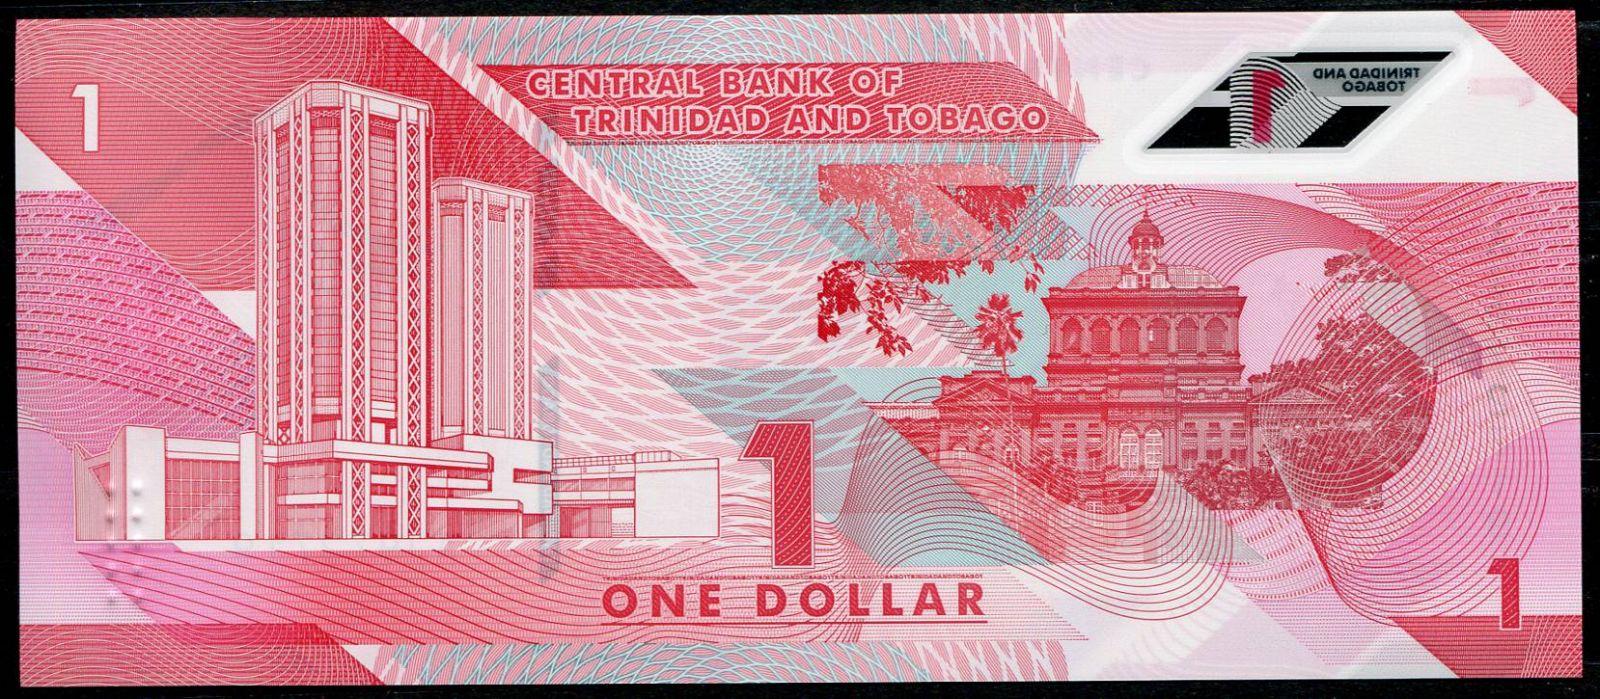 Trinidad a Tobago (P 60) - 1 Dolar (2020) - UNC polymer | www.tgw.cz